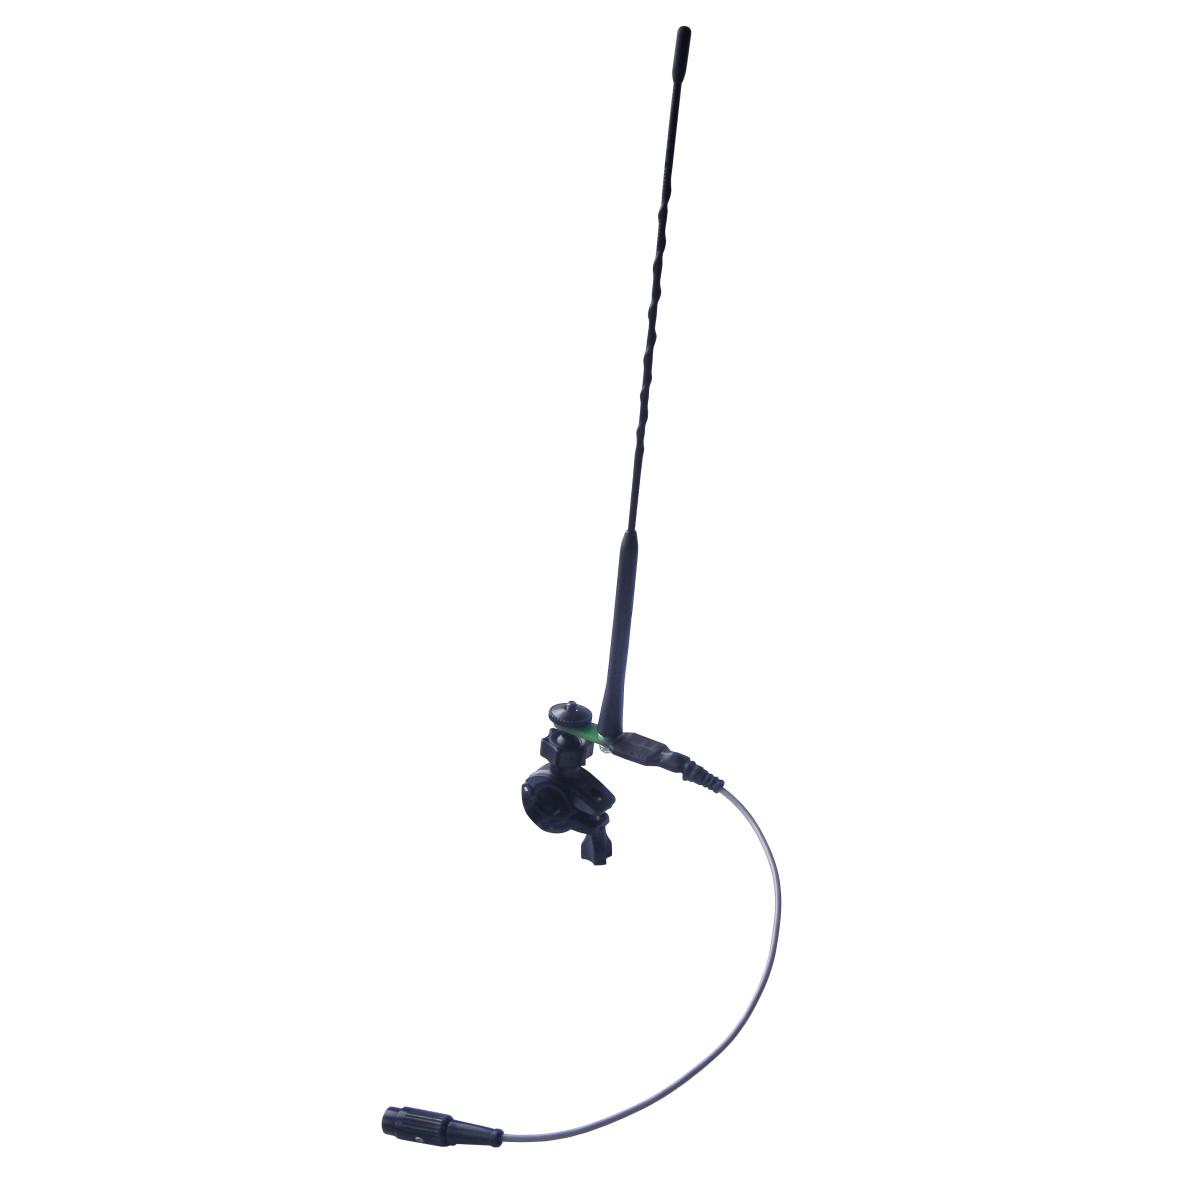 Бесконтактный датчик контроля изоляции Радио-Сервис ДКИ-П 1